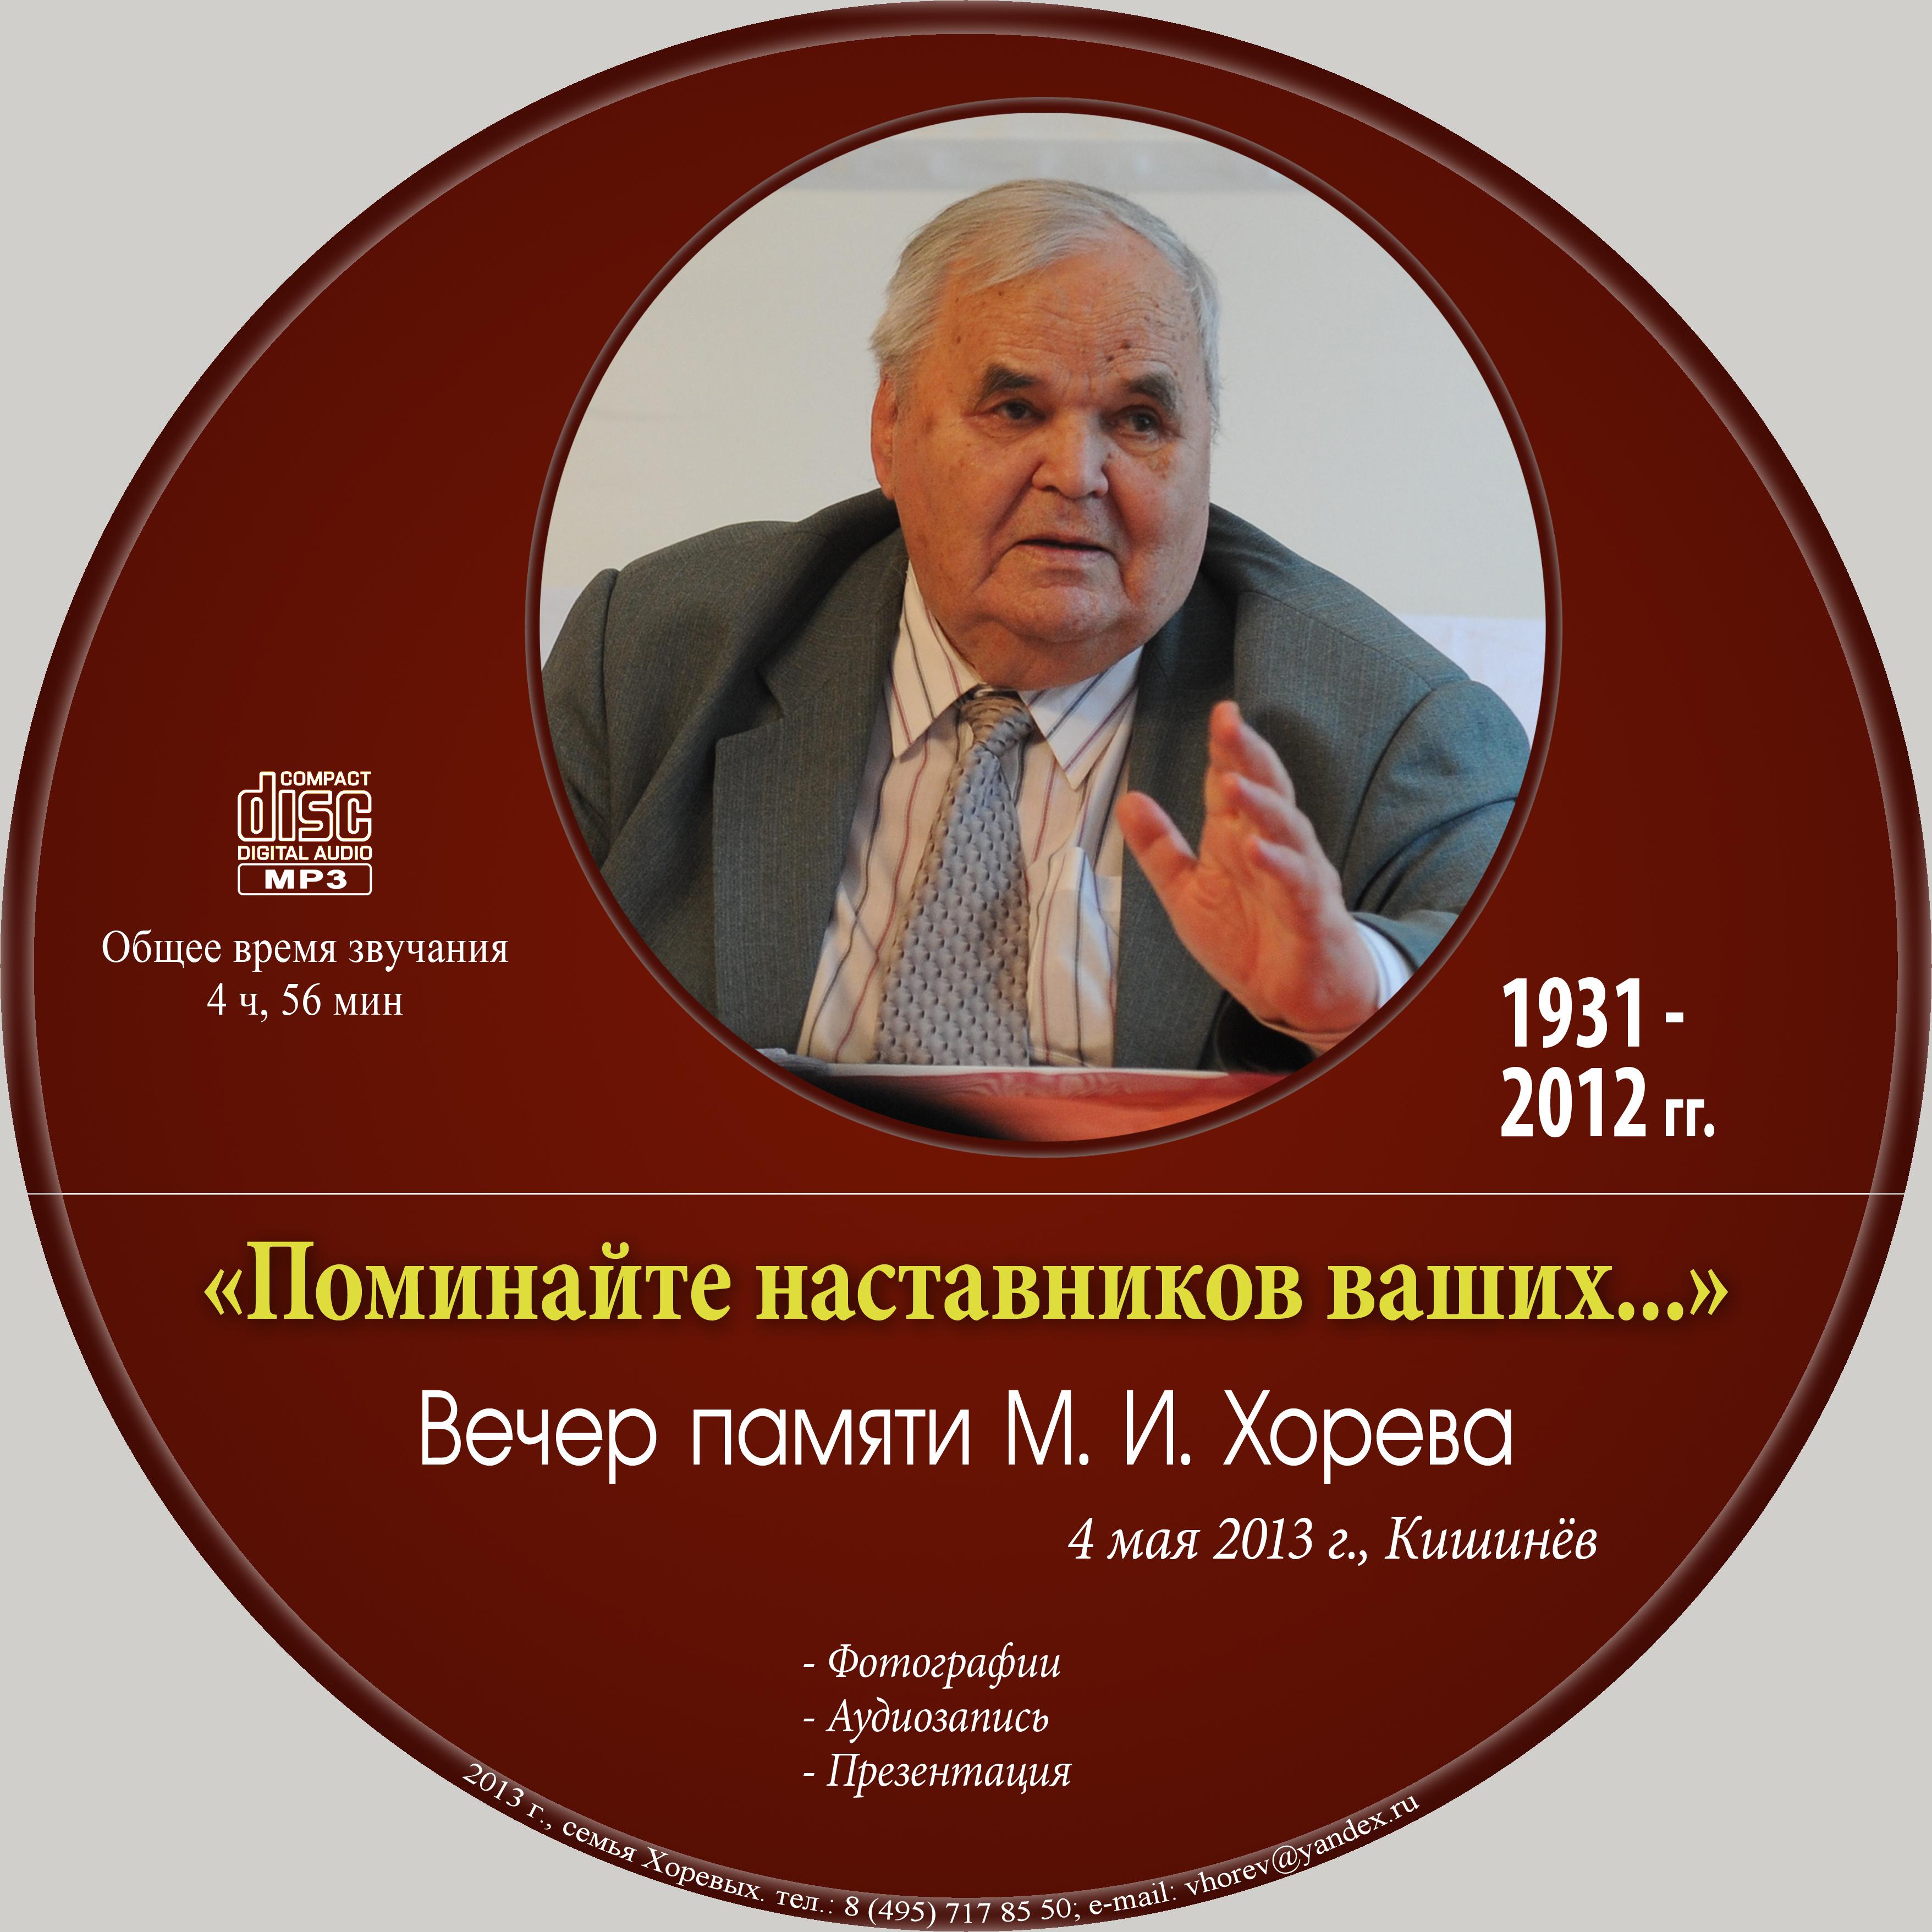 Поминайте наставников ваших… Вечер памяти М. И. Хорева. Кишинев, 2013